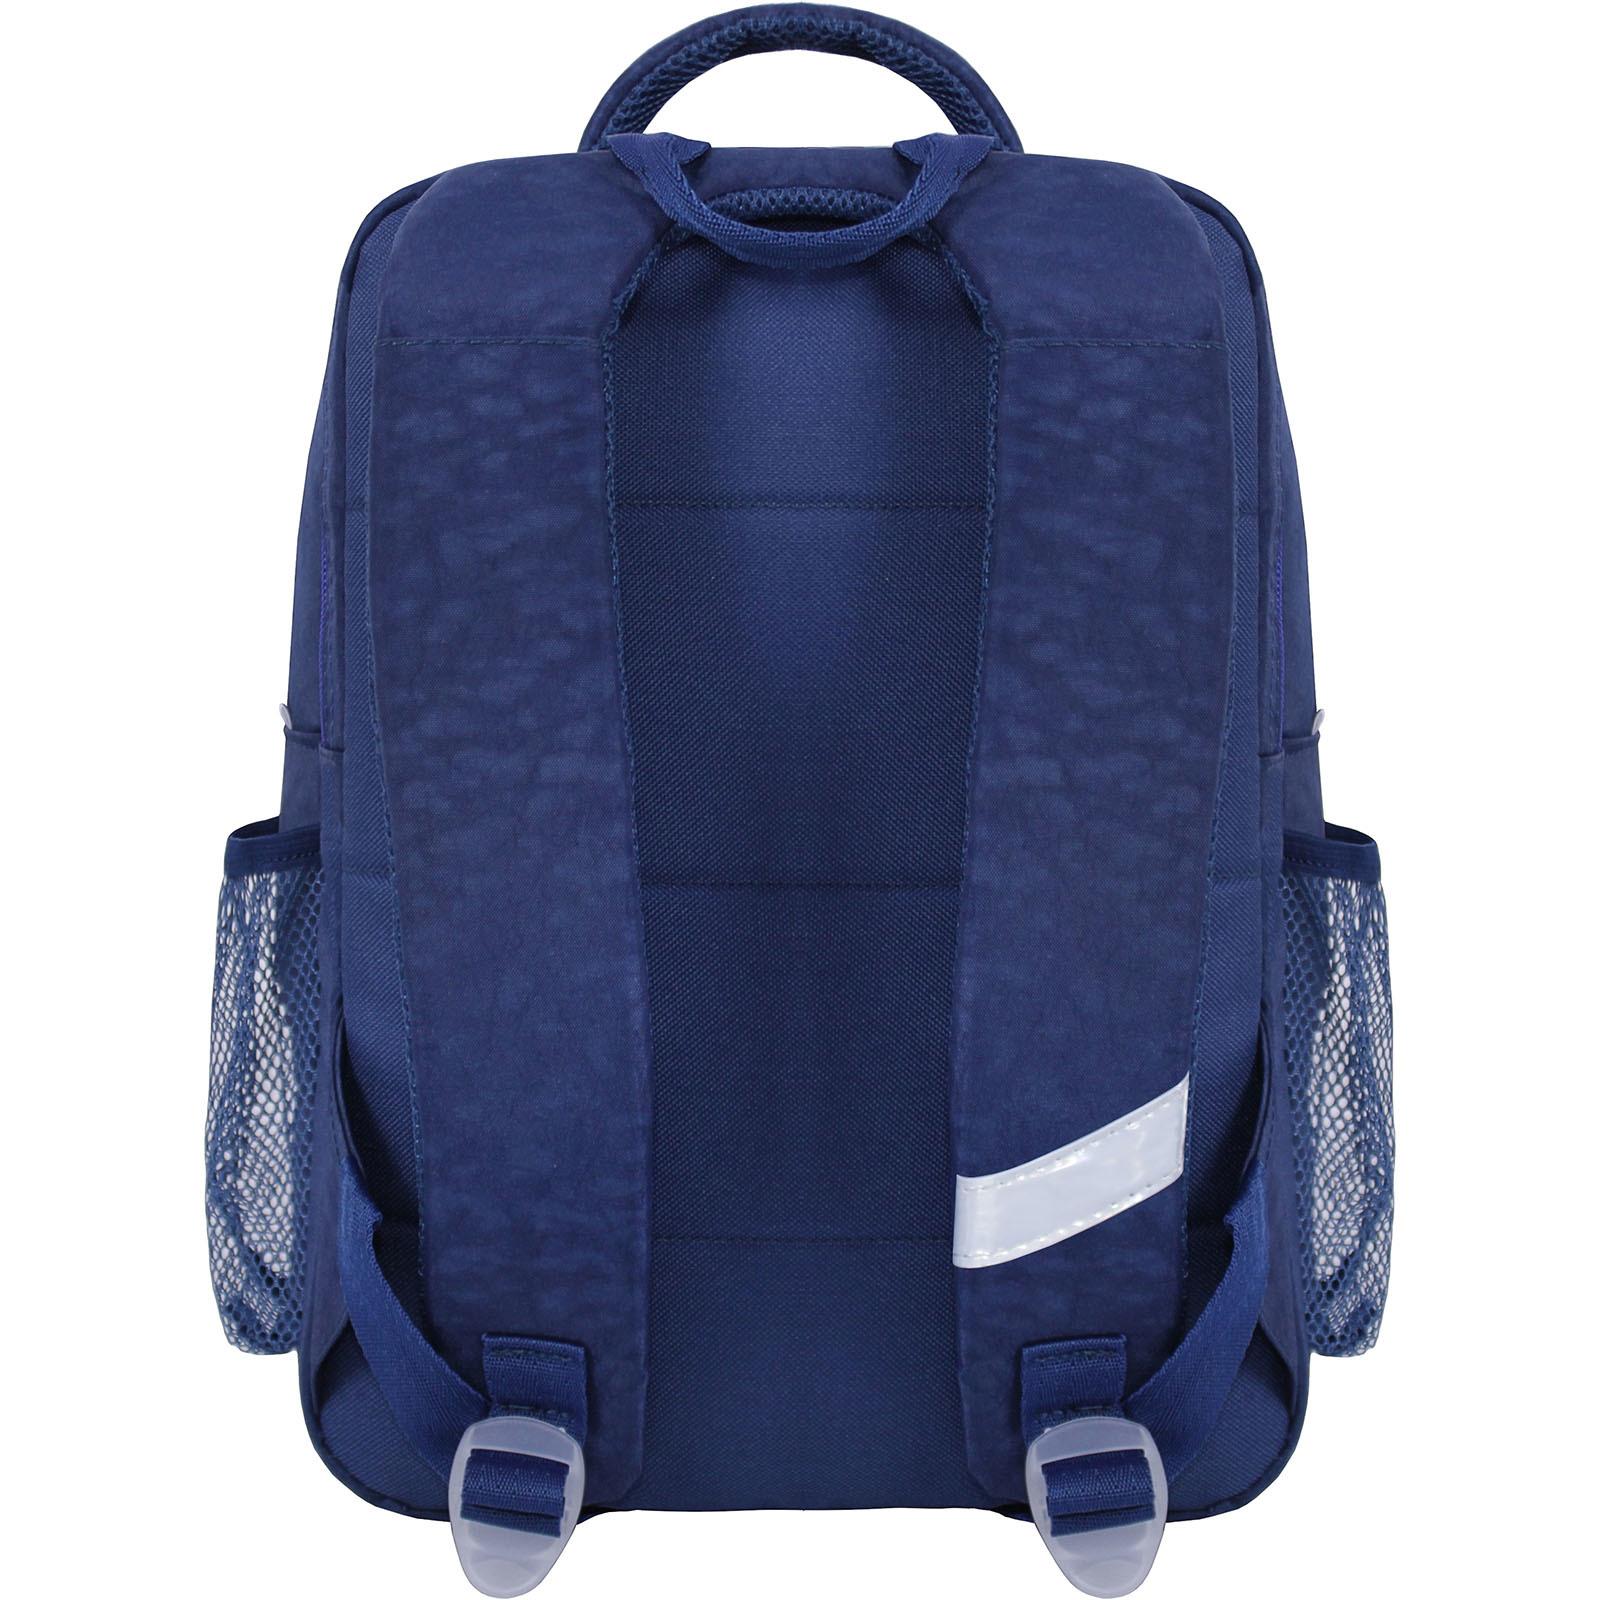 Рюкзак школьный Bagland Школьник 8 л. 225 синий 507 (00112702) фото 3